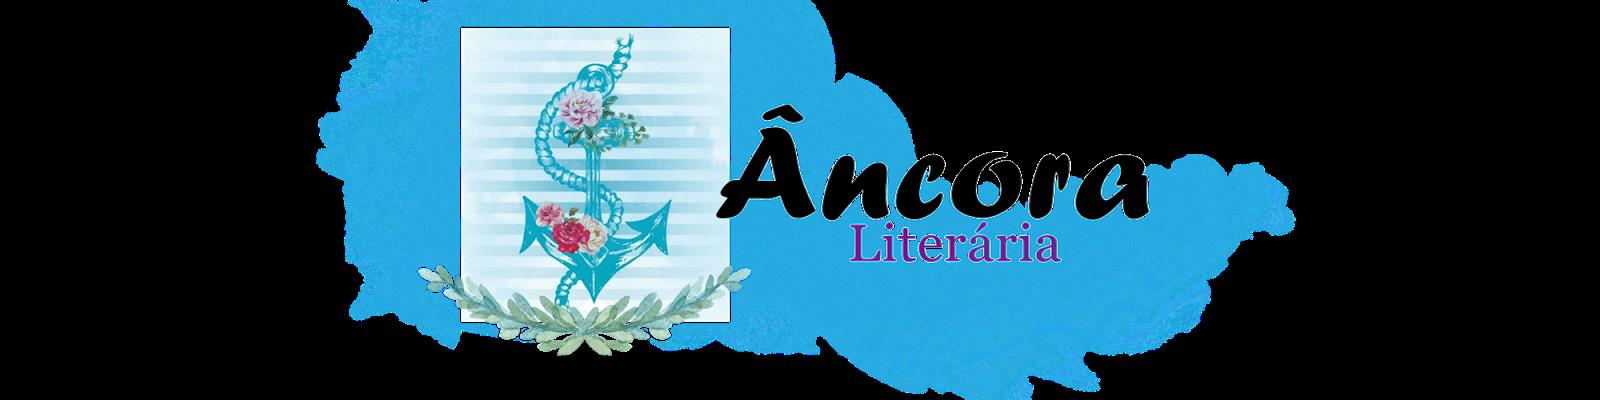 Âncora Literária